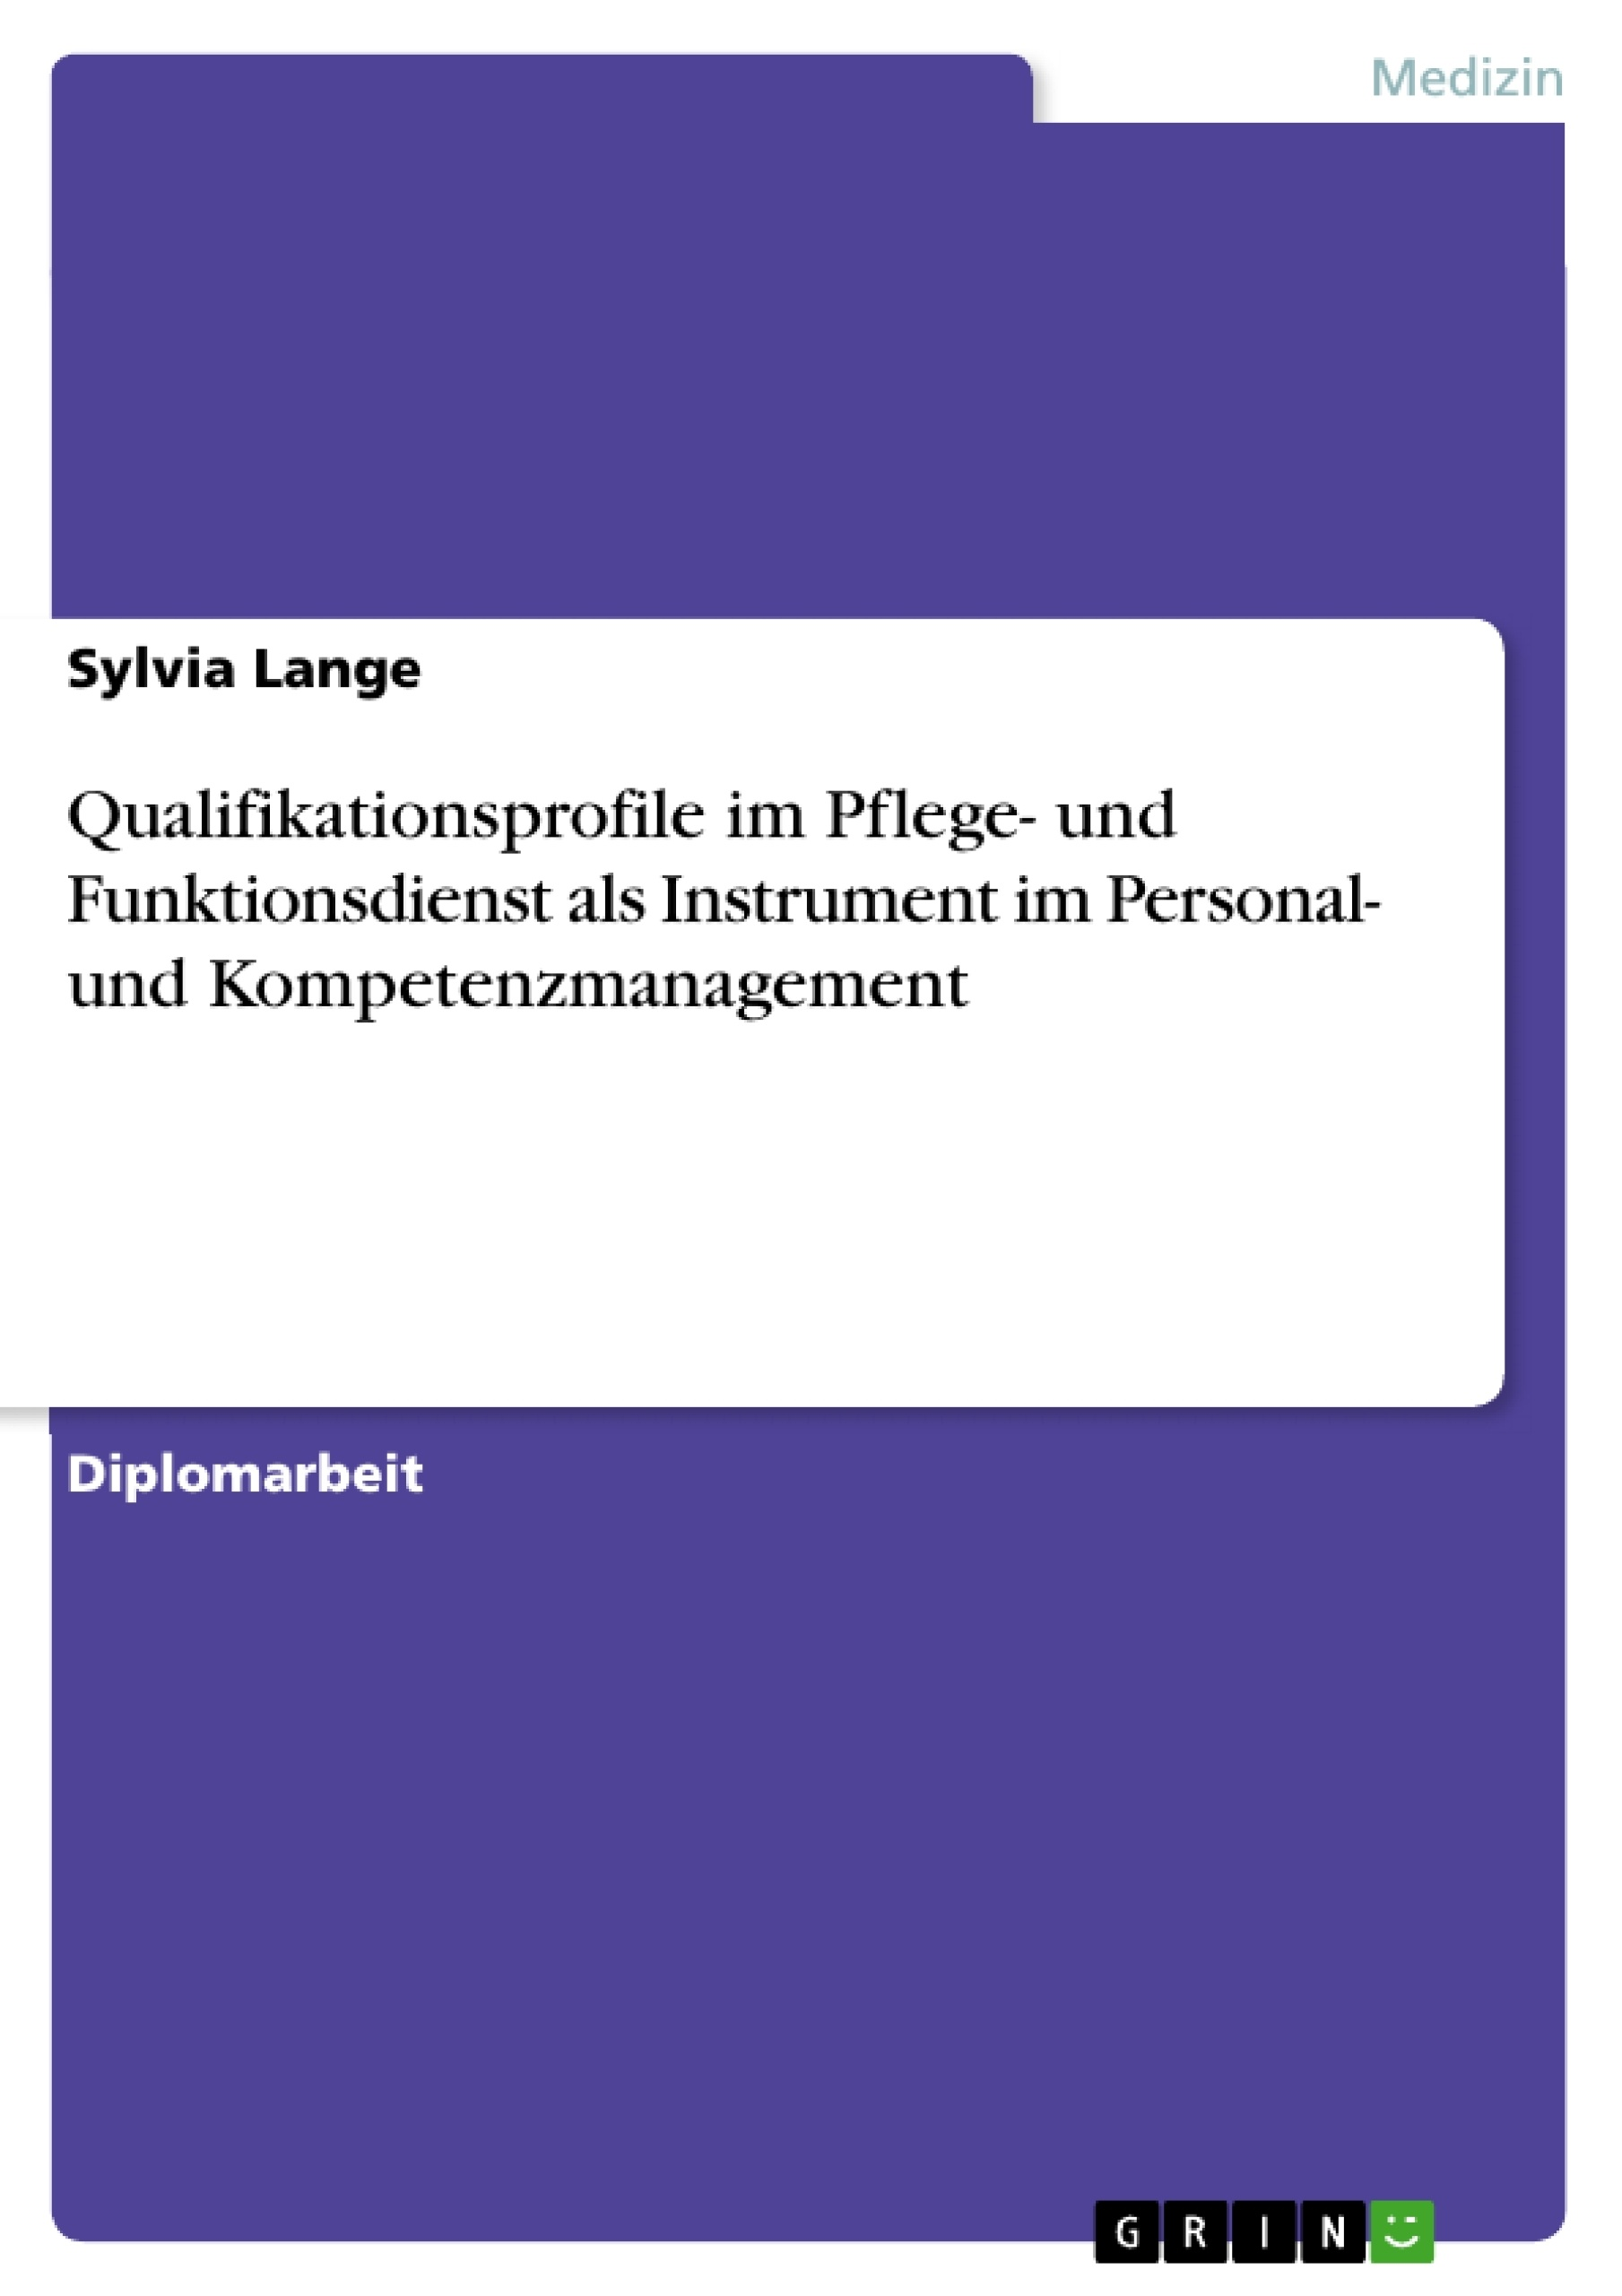 Titel: Qualifikationsprofile im Pflege- und Funktionsdienst als Instrument im Personal- und Kompetenzmanagement